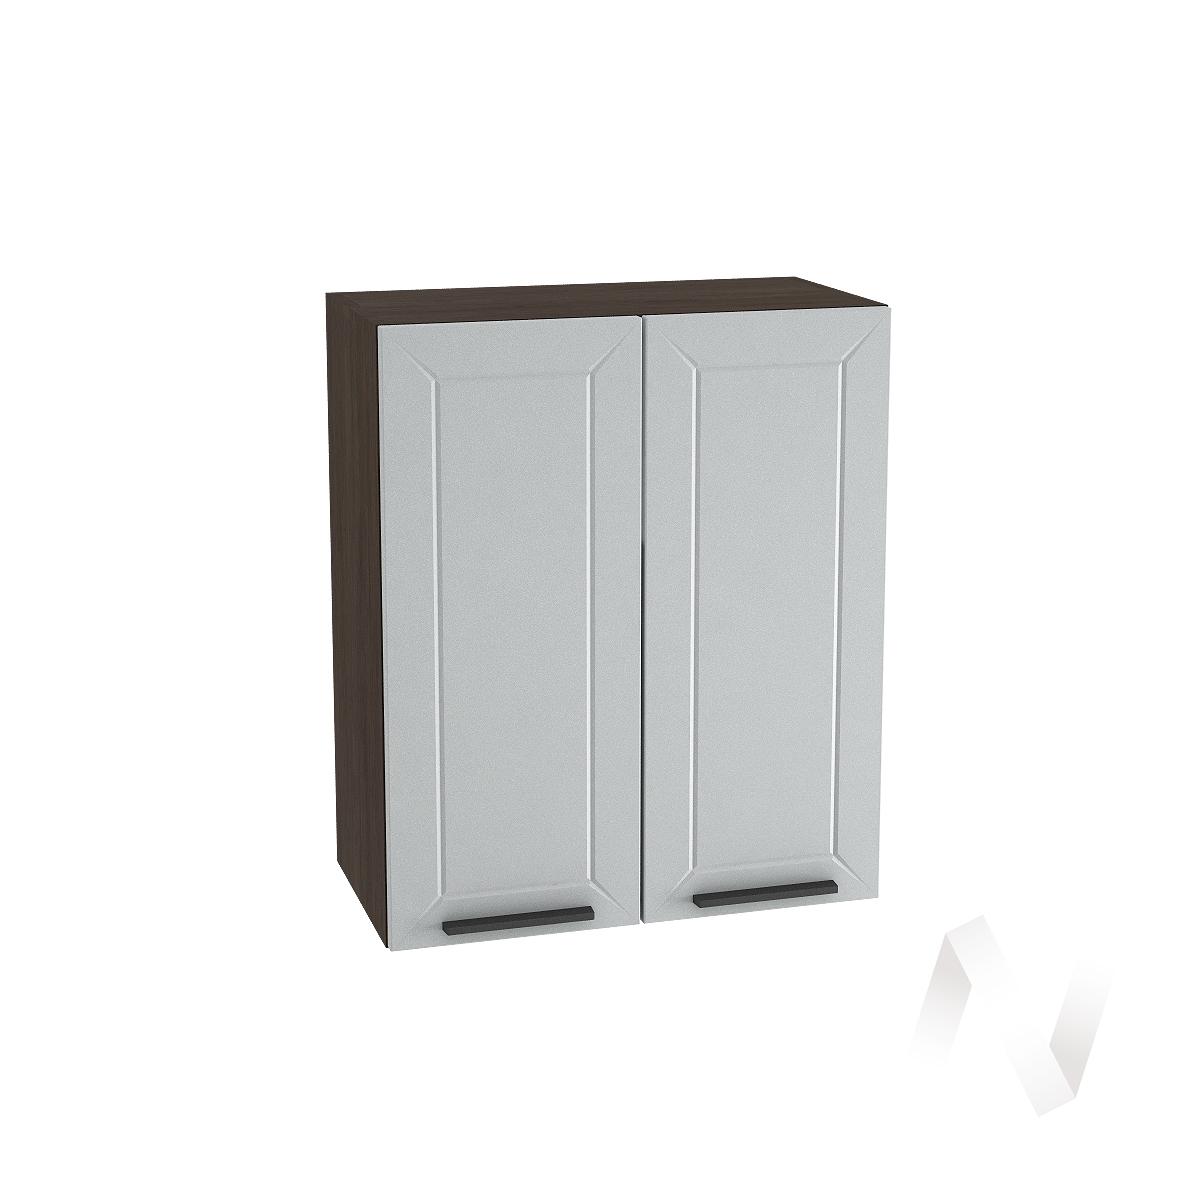 """Кухня """"Глетчер"""": Шкаф верхний 600, ШВ 600 (Гейнсборо Силк/корпус венге)"""